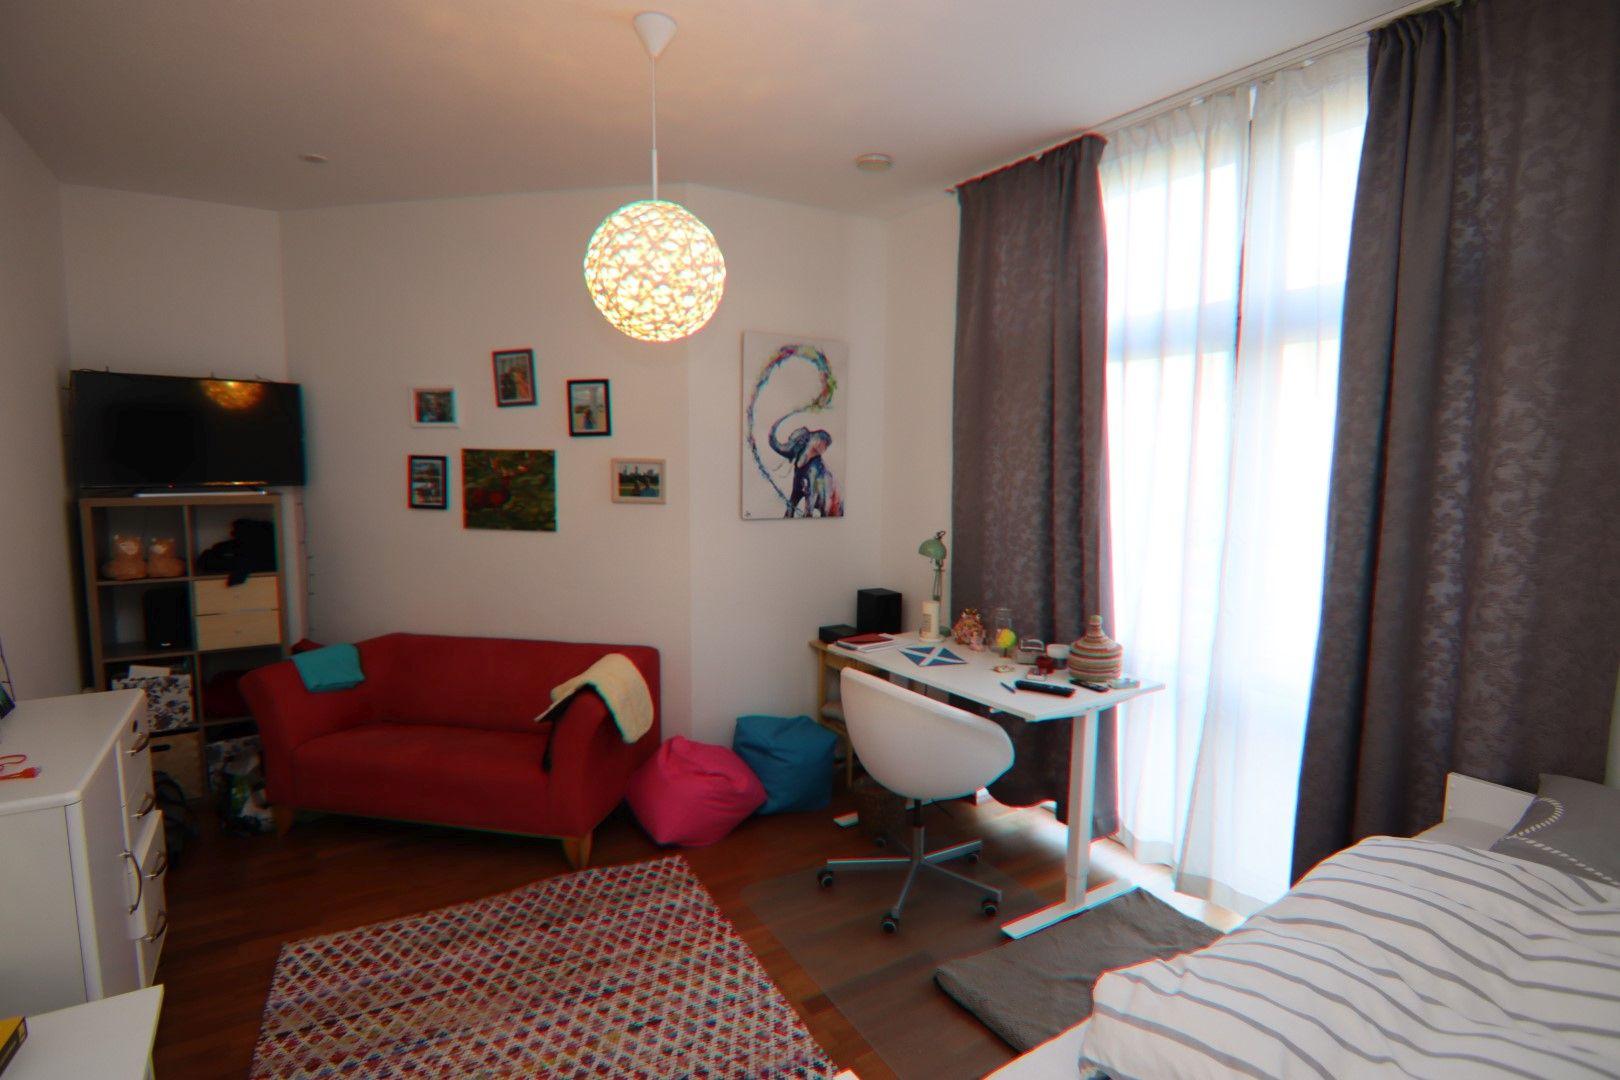 Immobilie Nr.0275 - 4-Raum-Deluxe-Wohnung mit Aufzug, Dachterrasse u. Garage - Bild 9.jpg